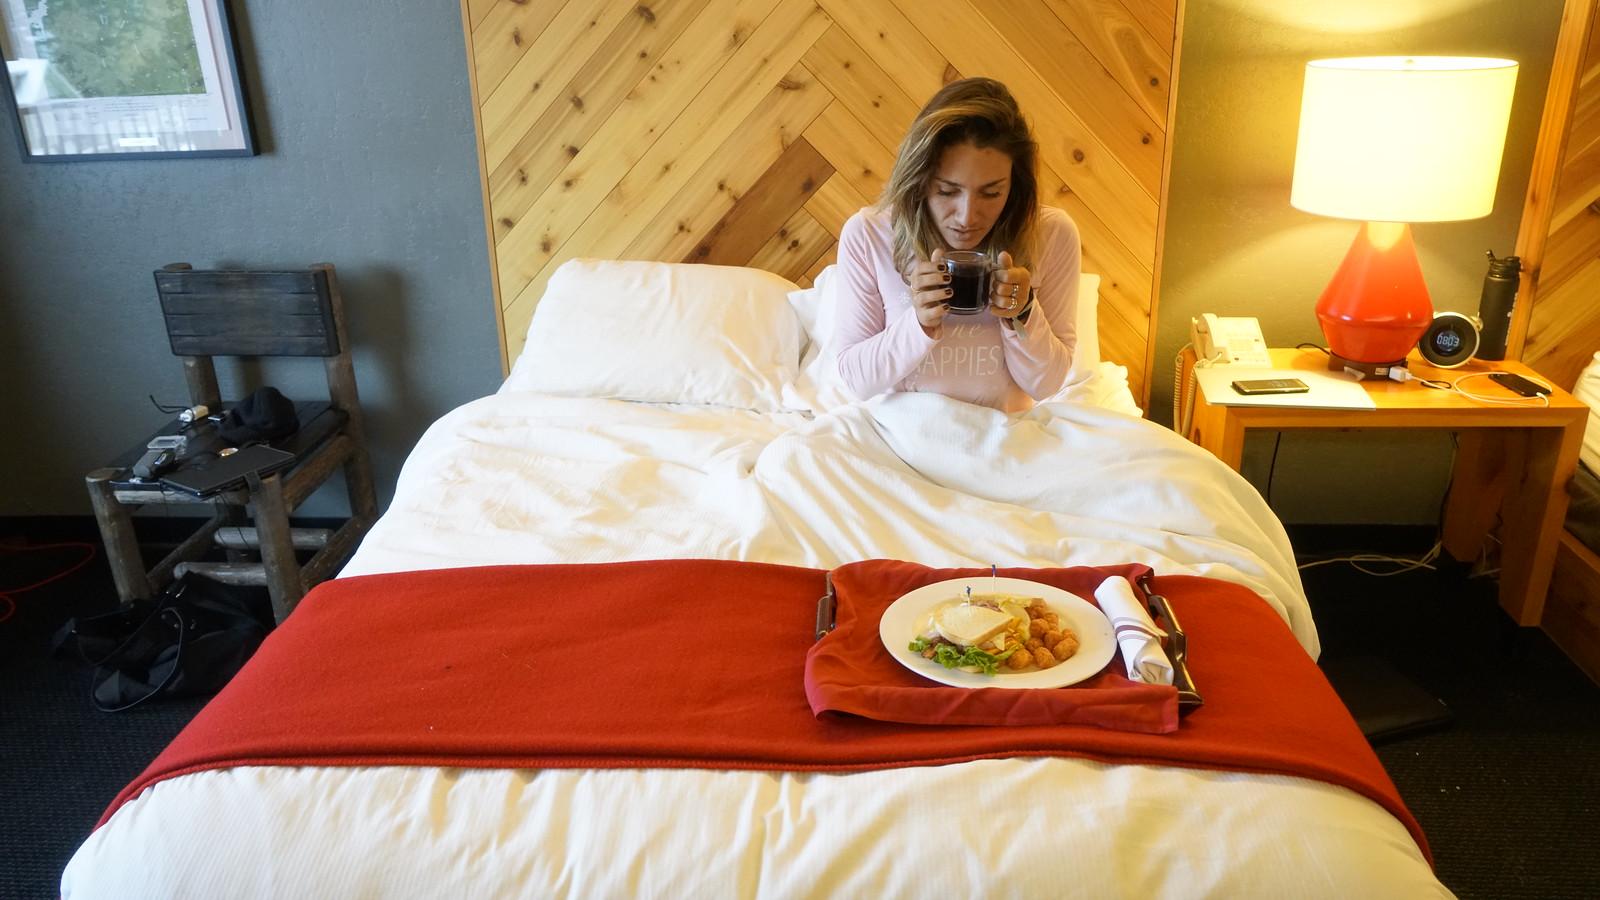 chalet dejeuner au lit